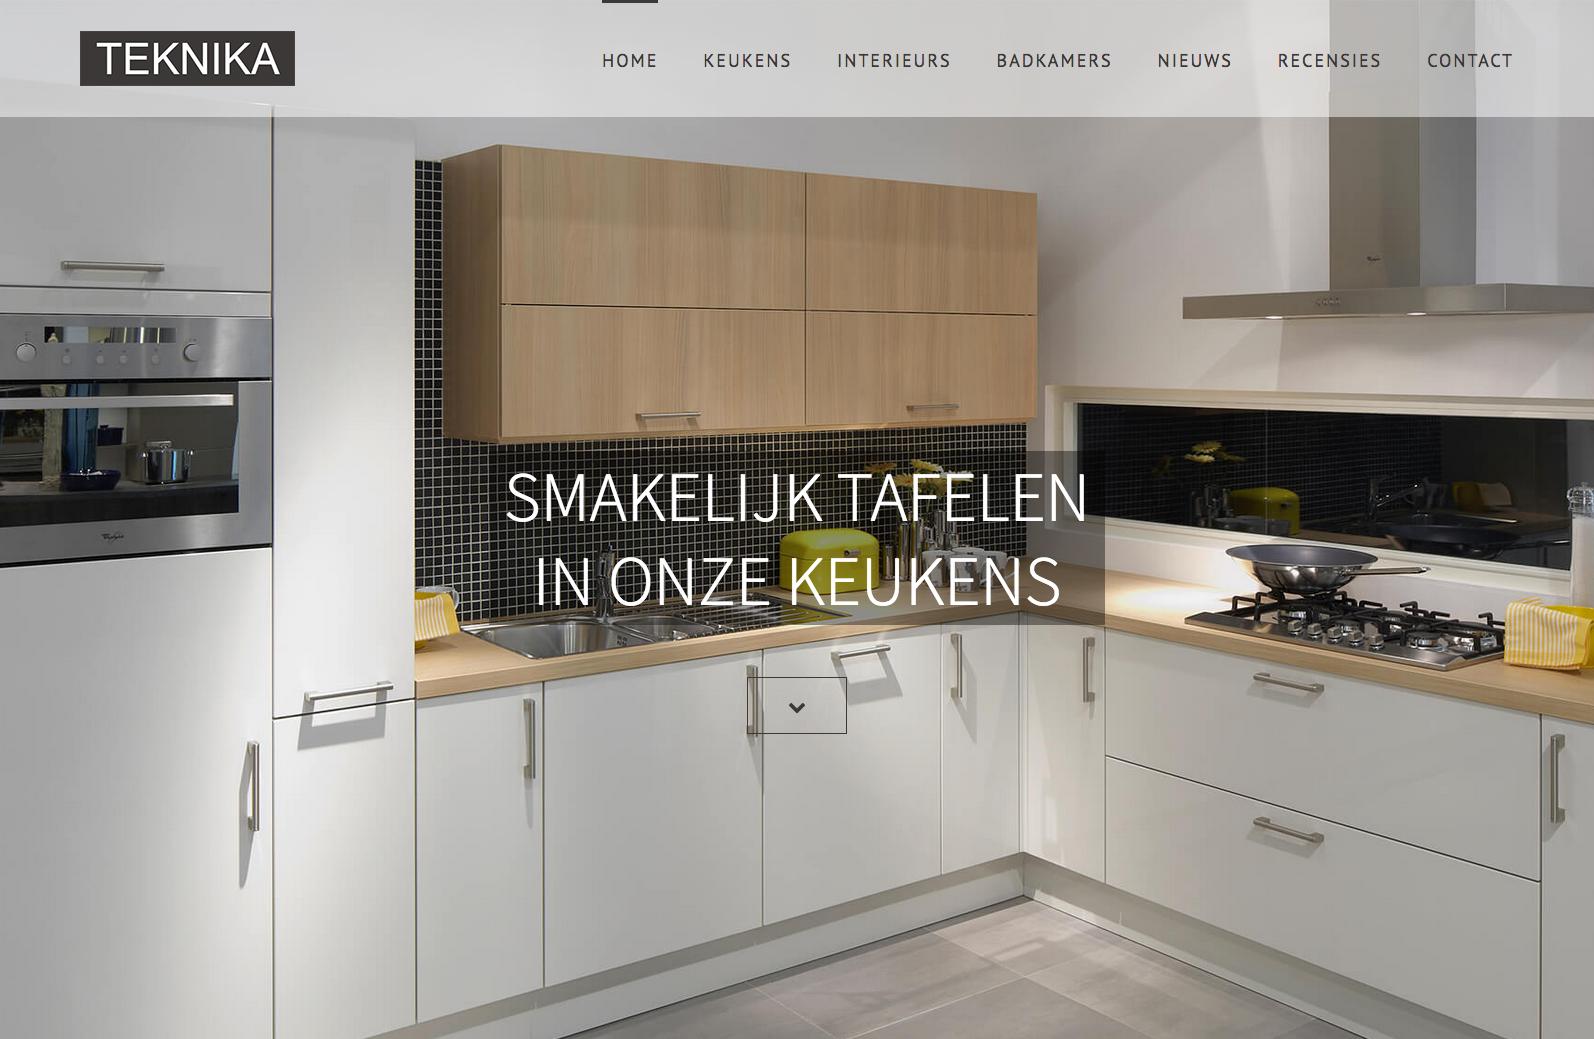 Nieuwe website TEKNIKA keukes